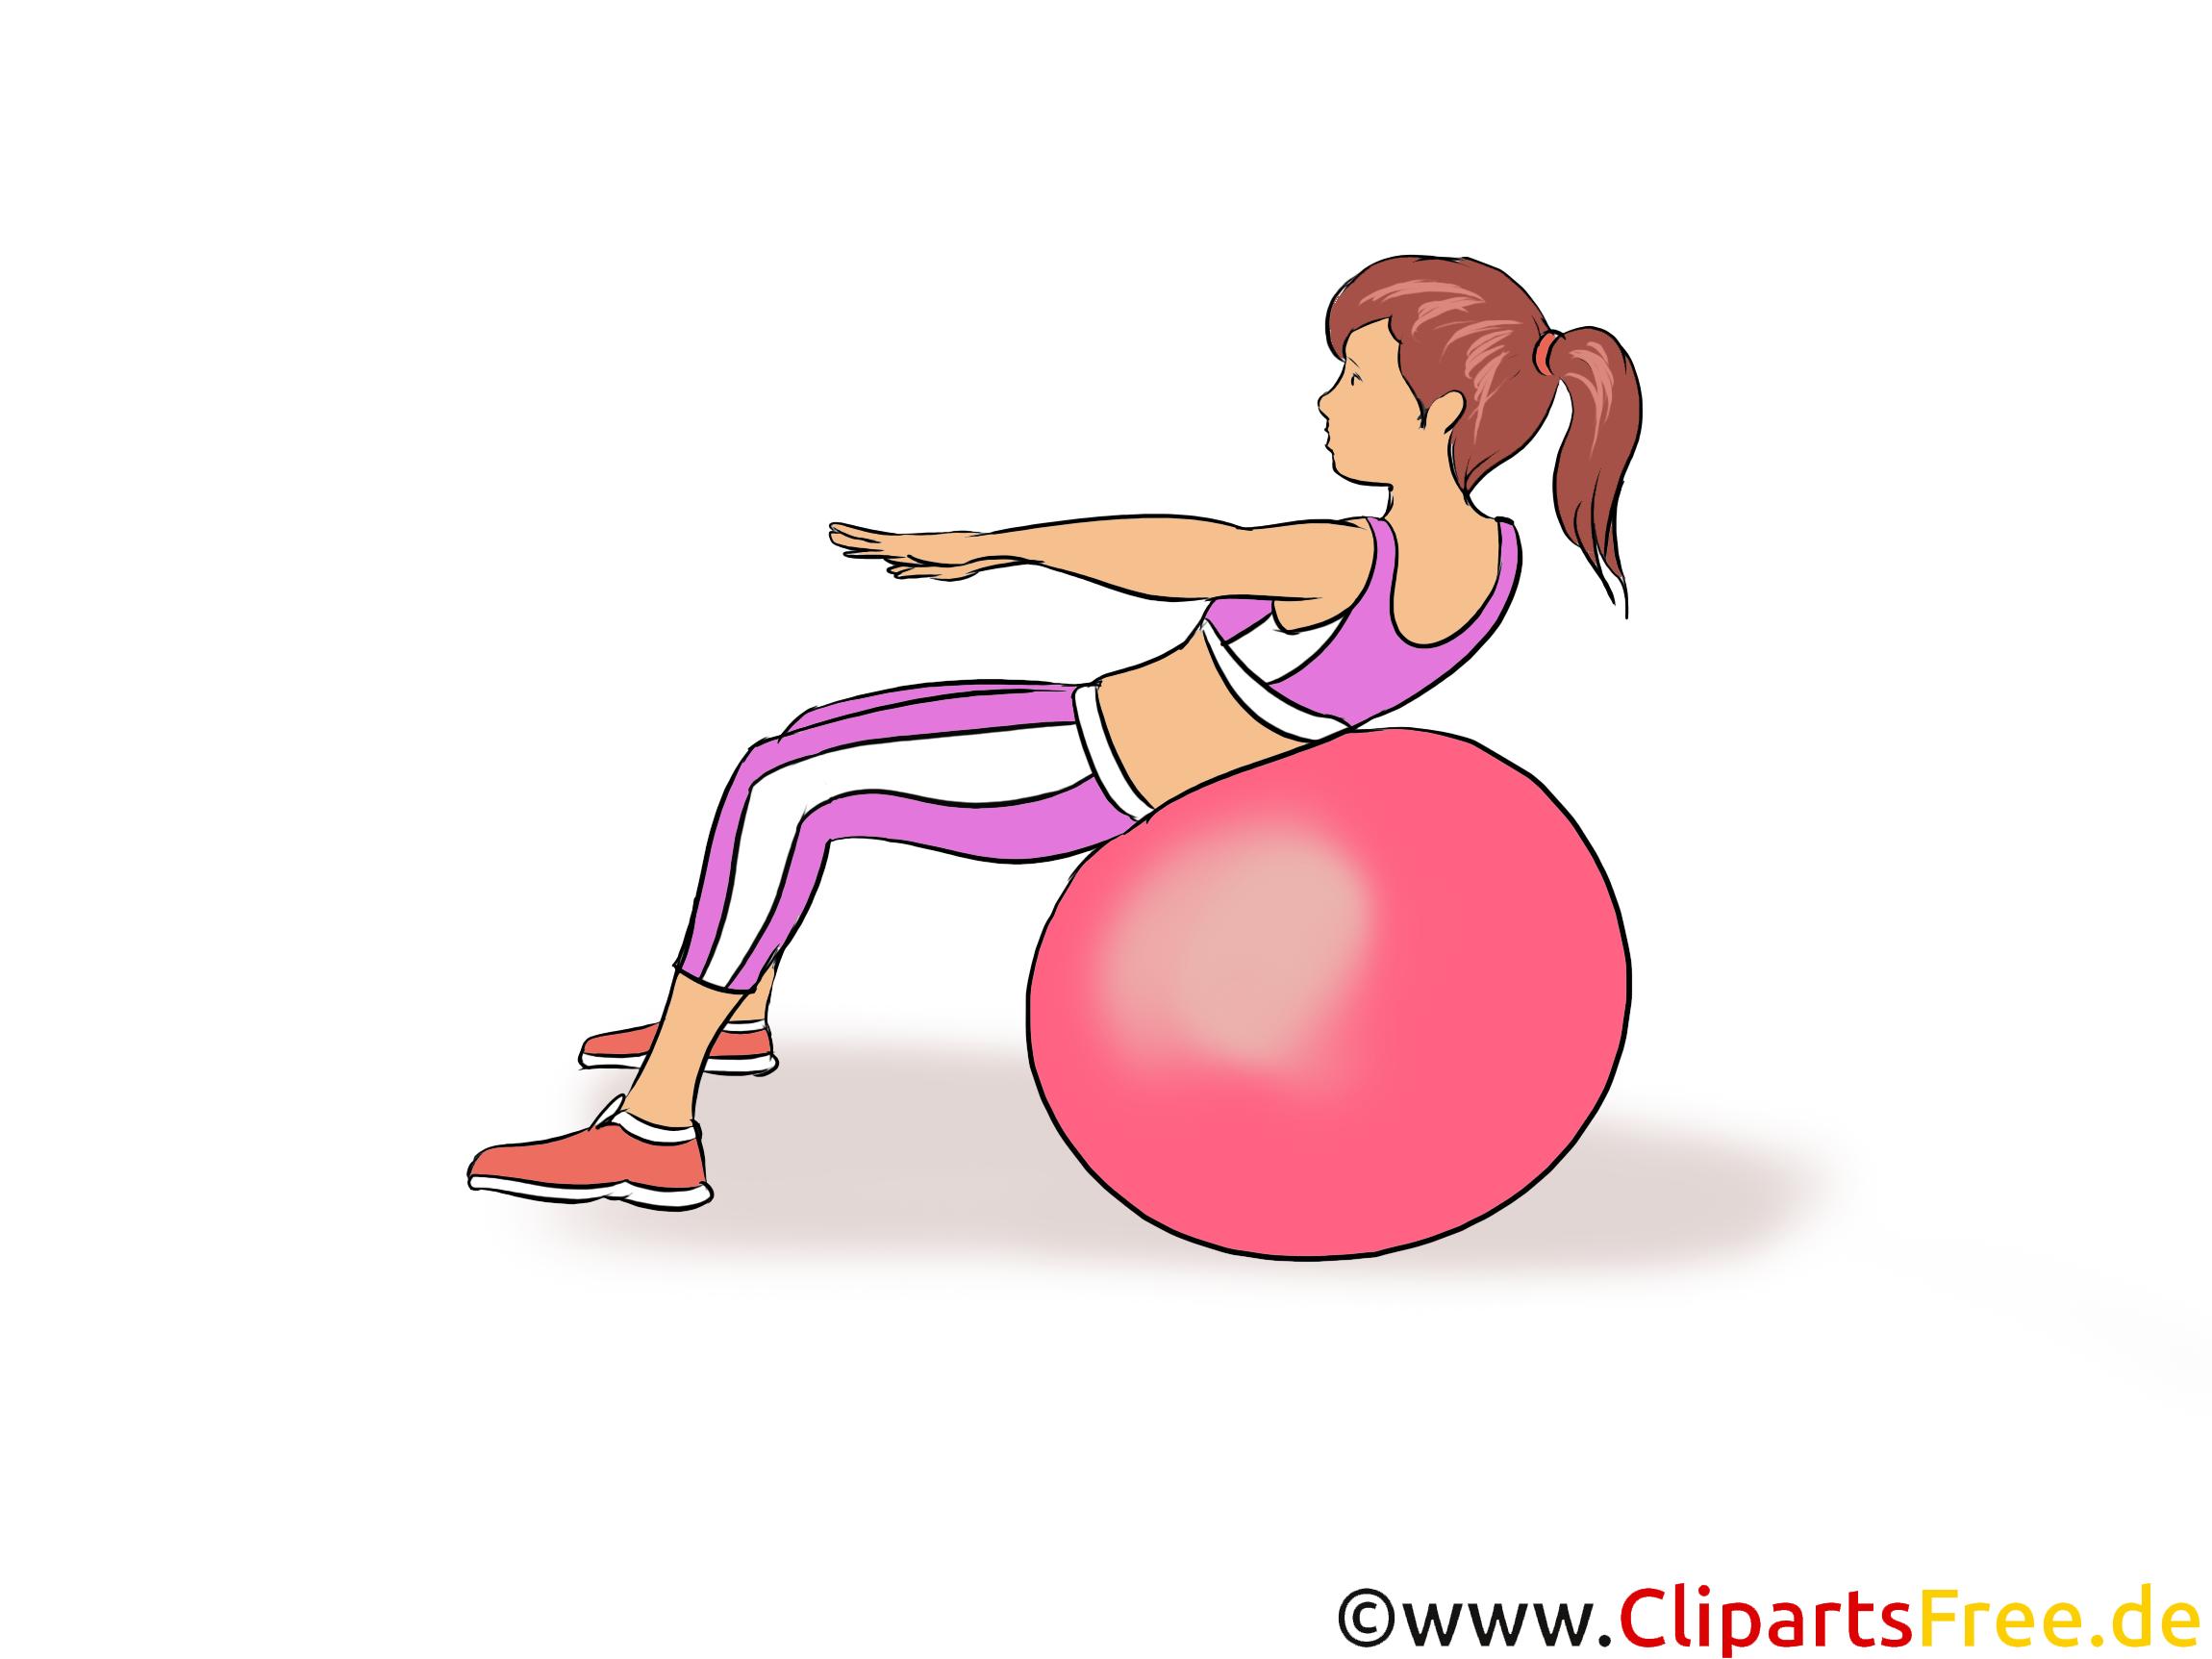 Übungen mit Ball zu Hause Illustration, Clipart, Bild